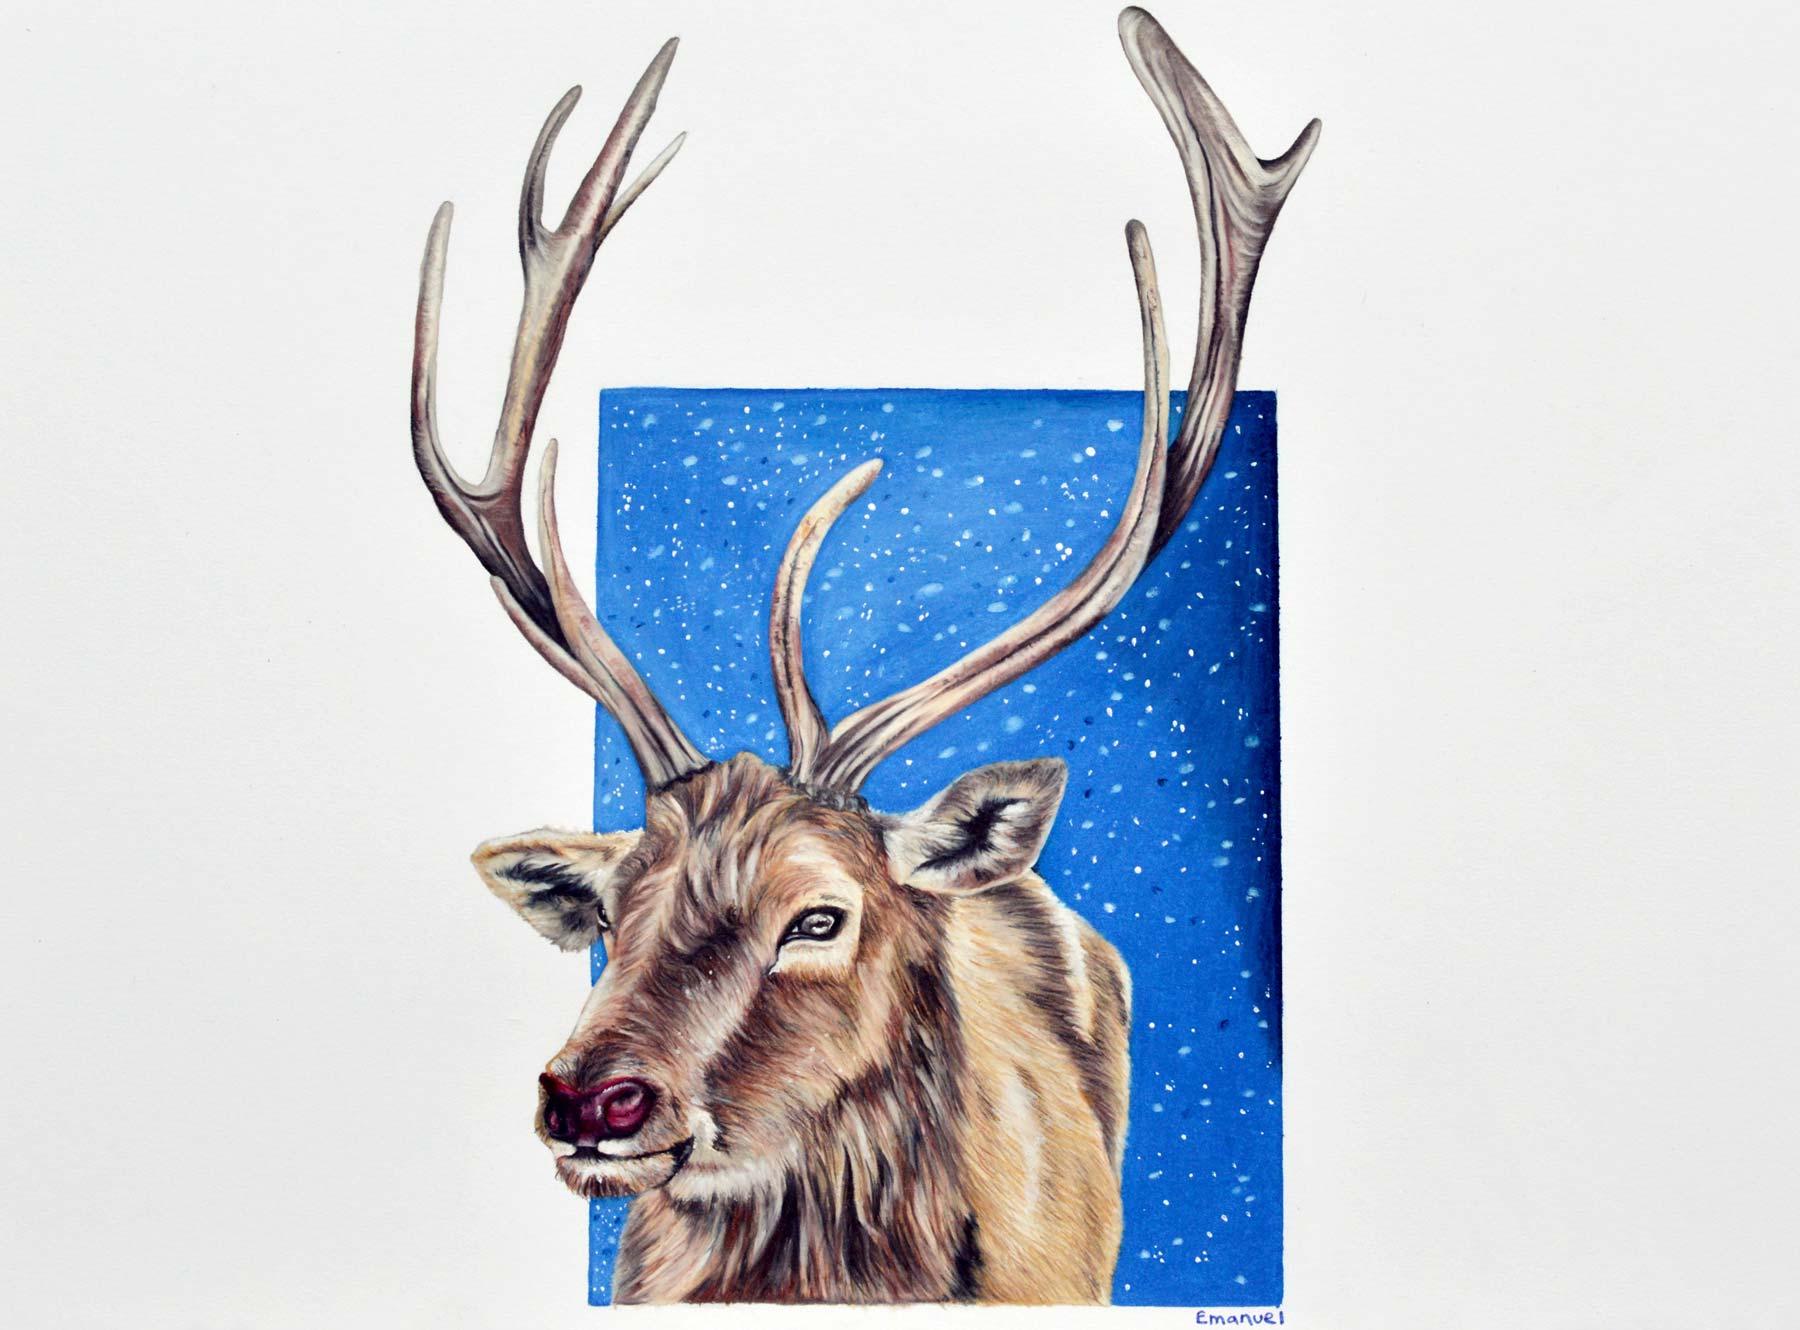 rednosed Rudolph by emanuel schweizer, artist